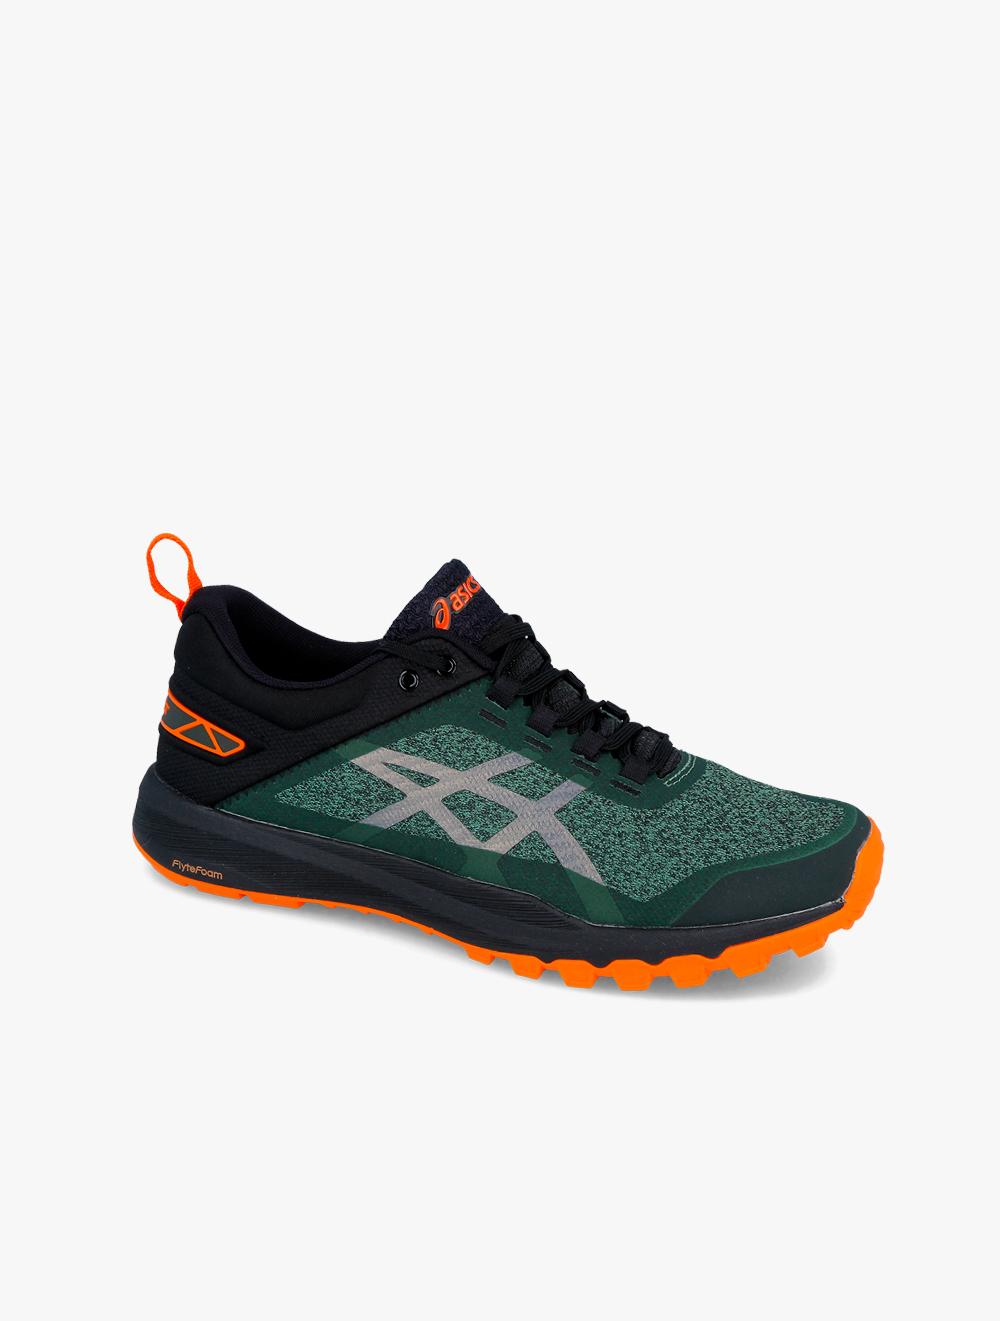 chaussures asics gecko